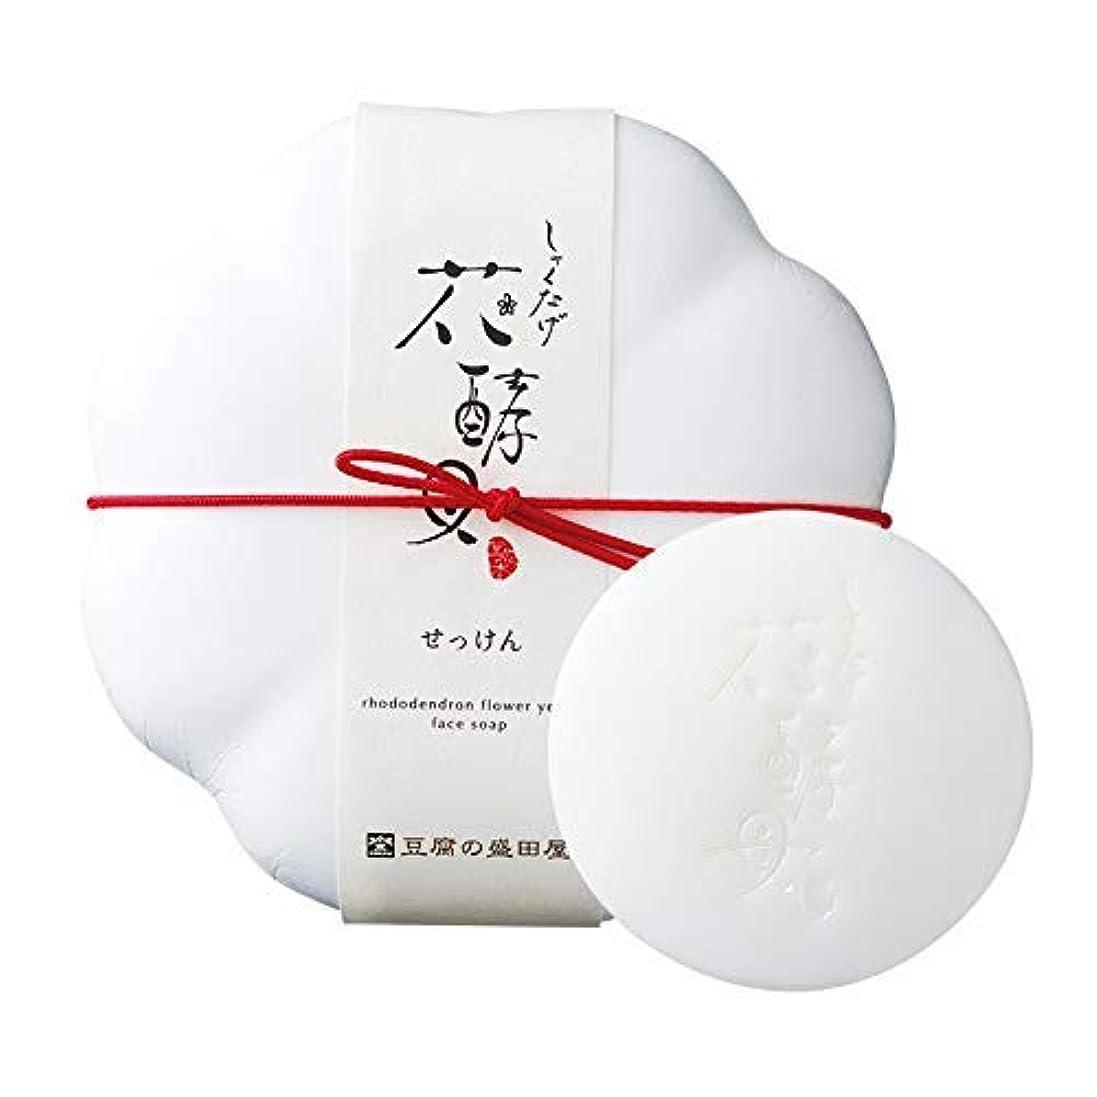 懸念深さ詳細な豆腐の盛田屋 豆花水 しゃくなげ花酵母せっけん 50g